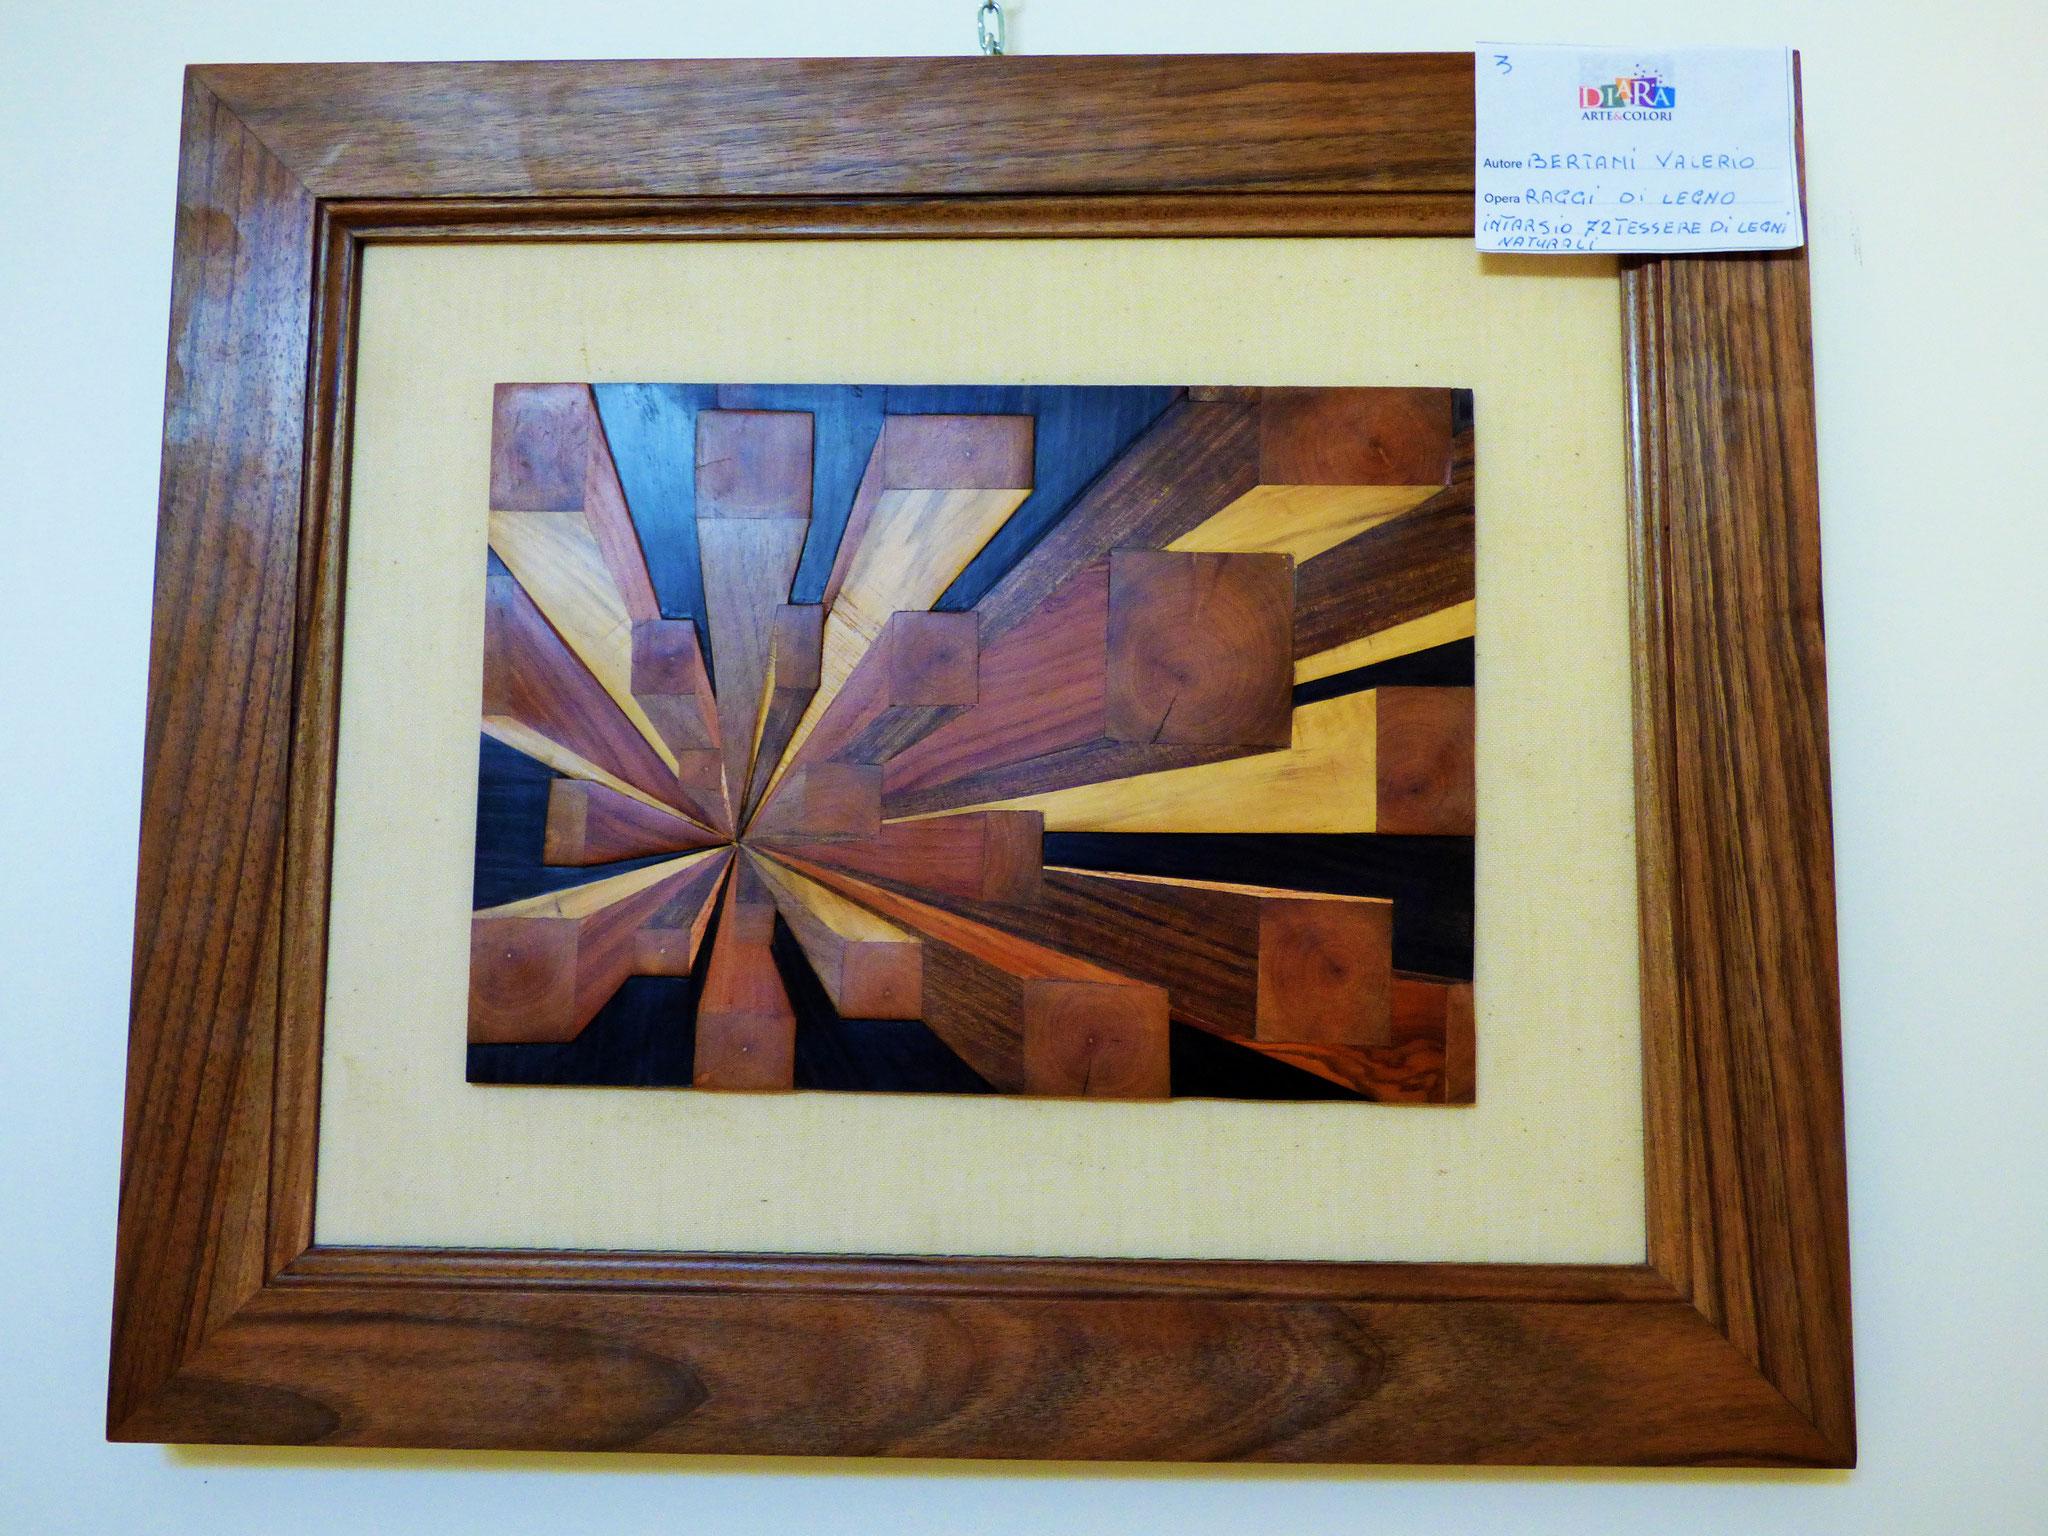 Rivergaro: DIARA Arte & Colori - IV concorso di Pittura ed.2018 - Bertani Valerio - Raggi di Legno - intarsio 72 tessere di legni naturali